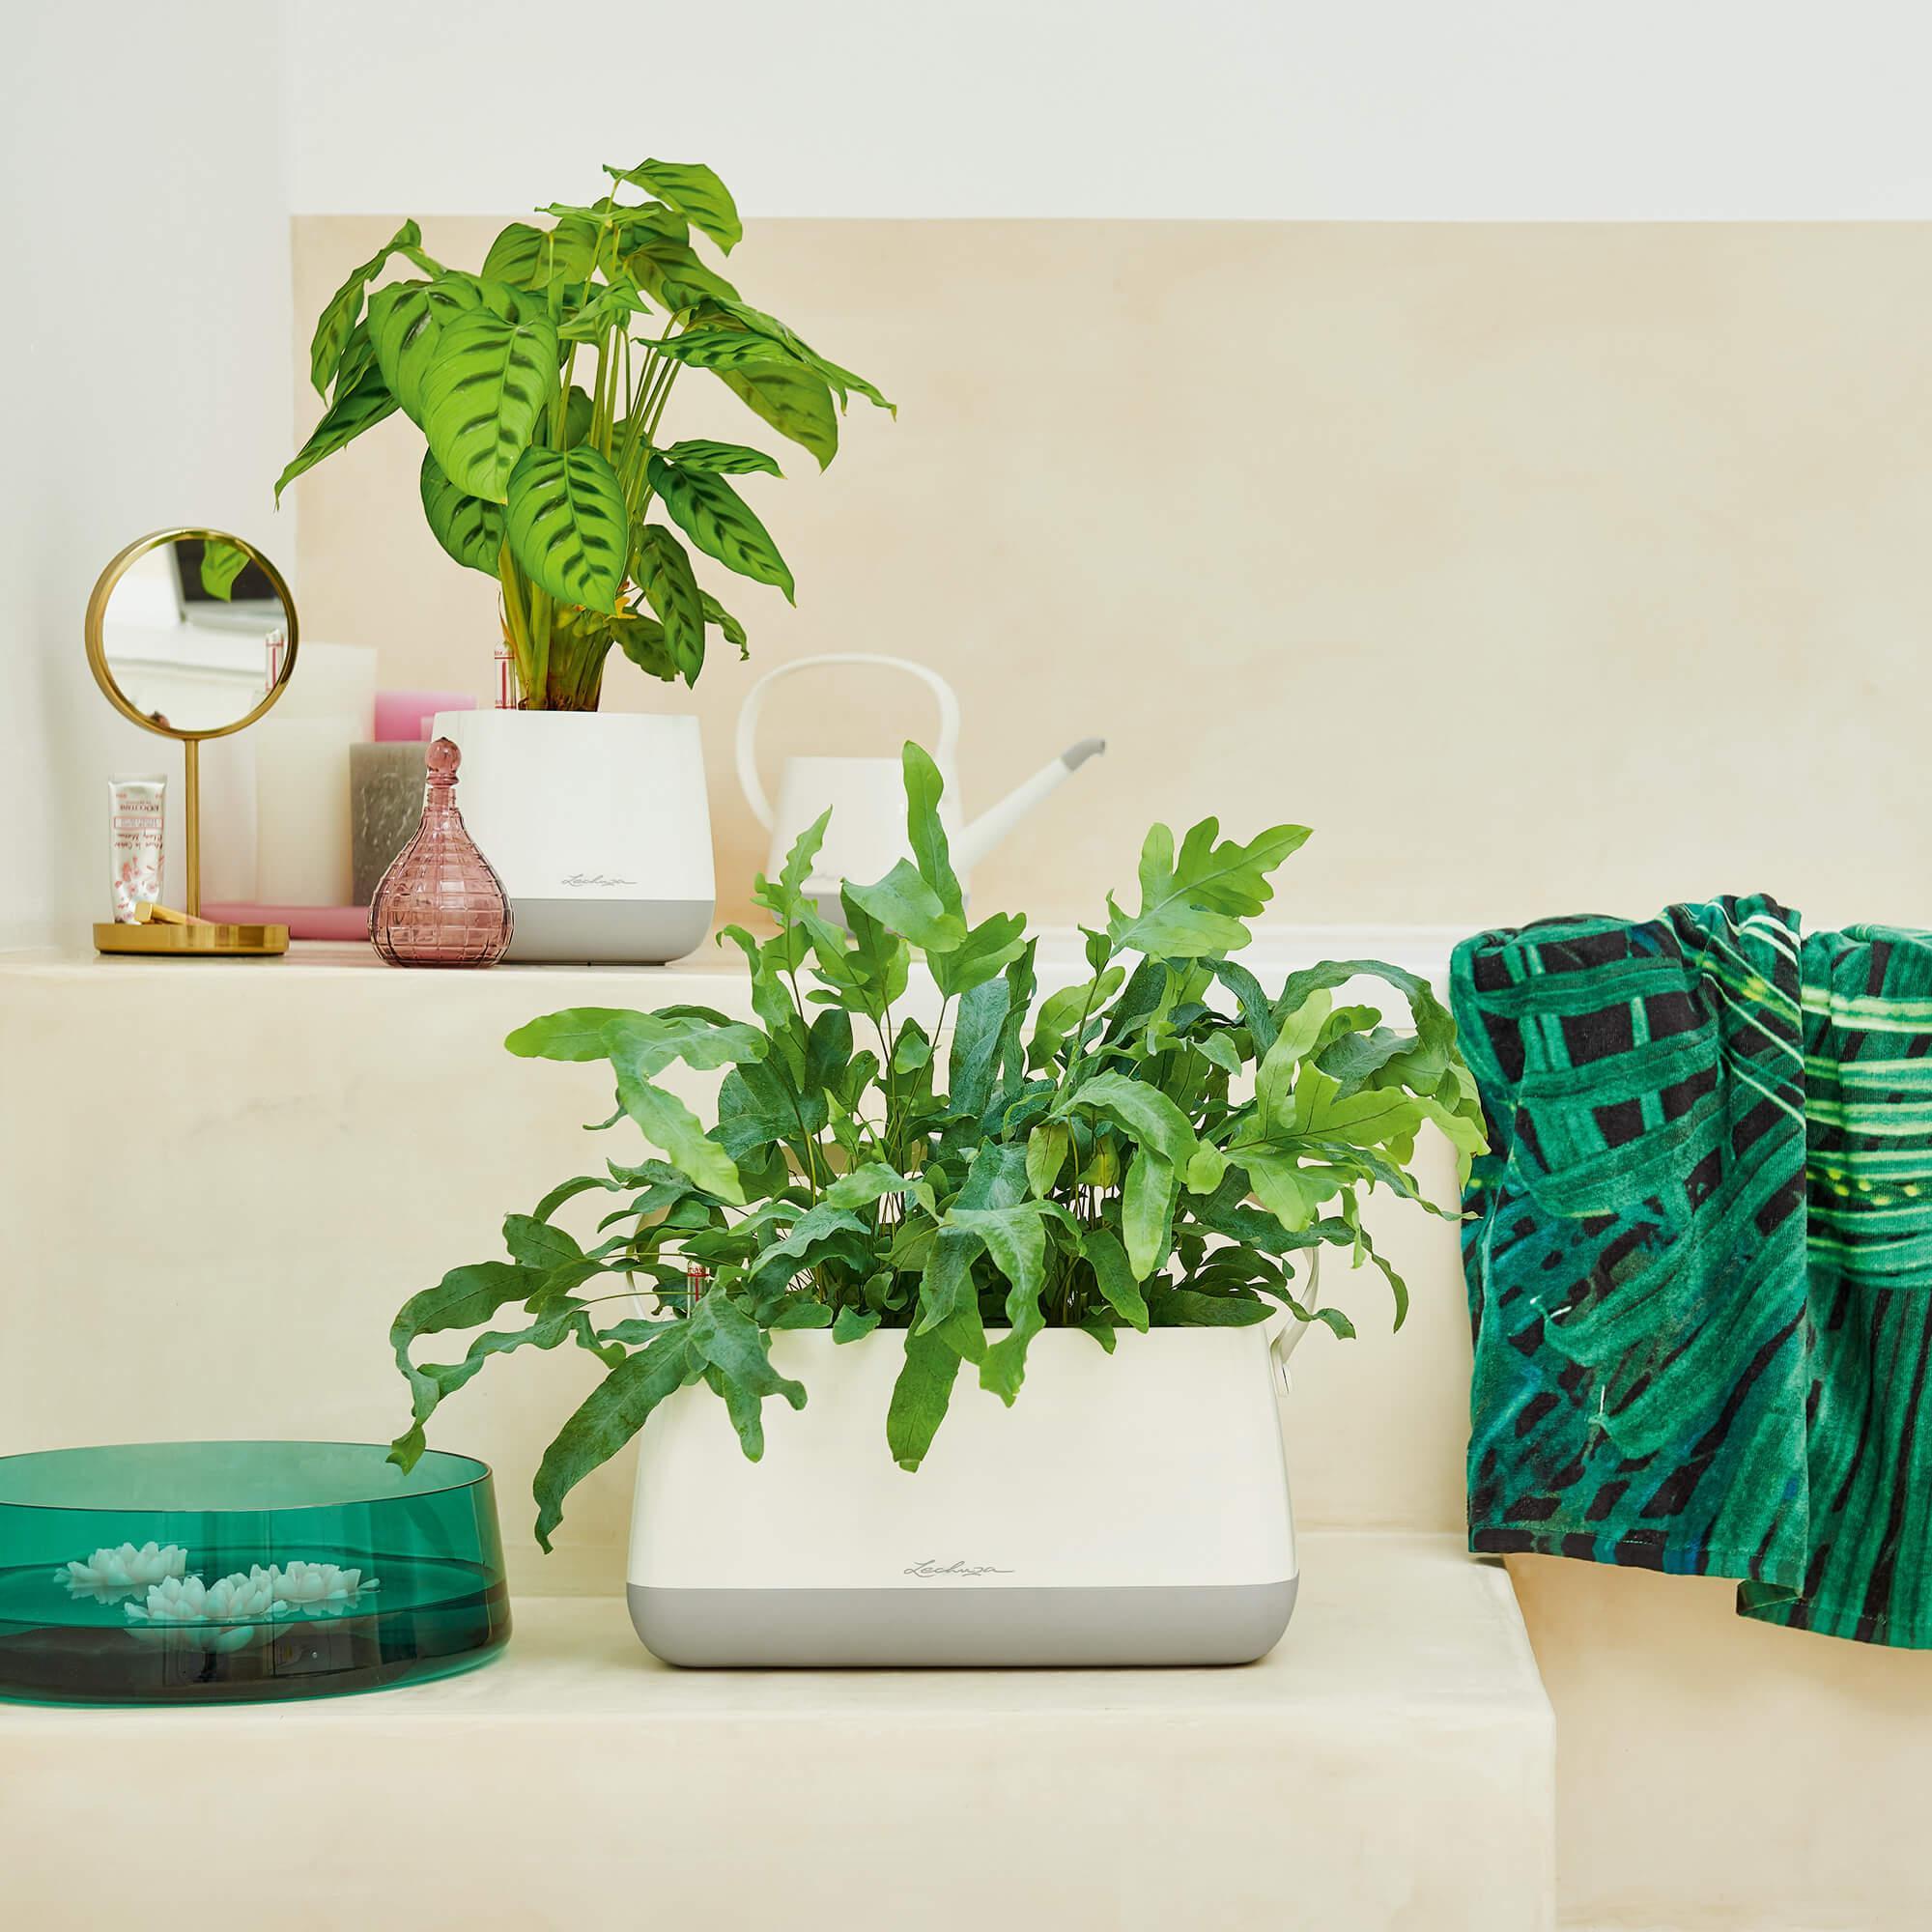 Корзинка для растений YULA белый/серый - изображение 10